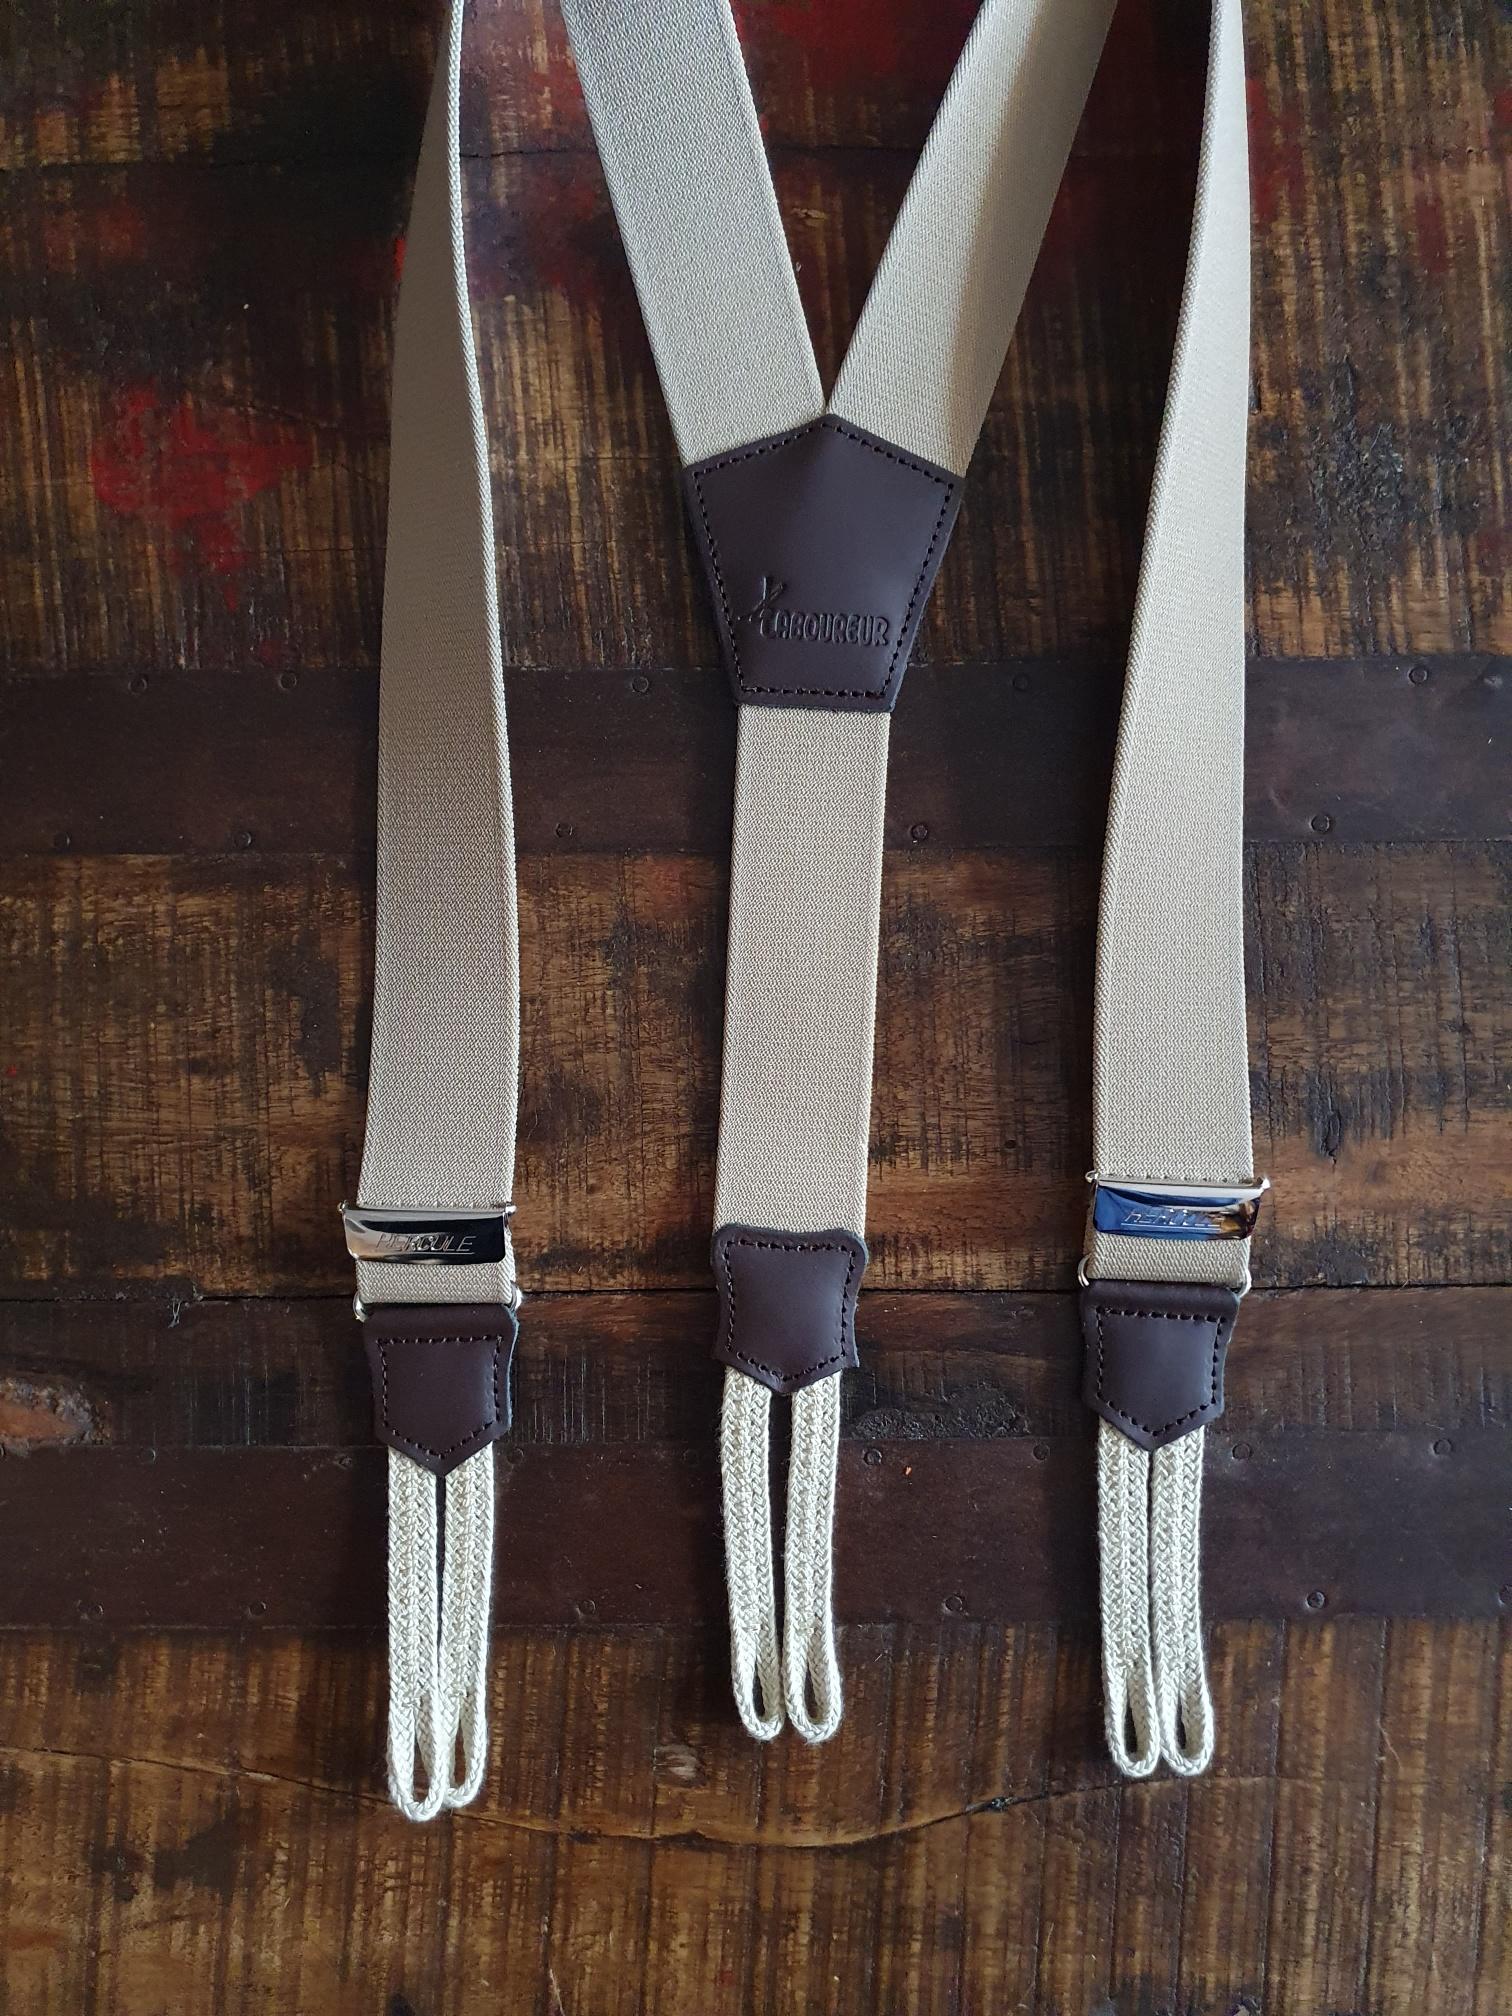 Suspendeurs from Le Laboureur